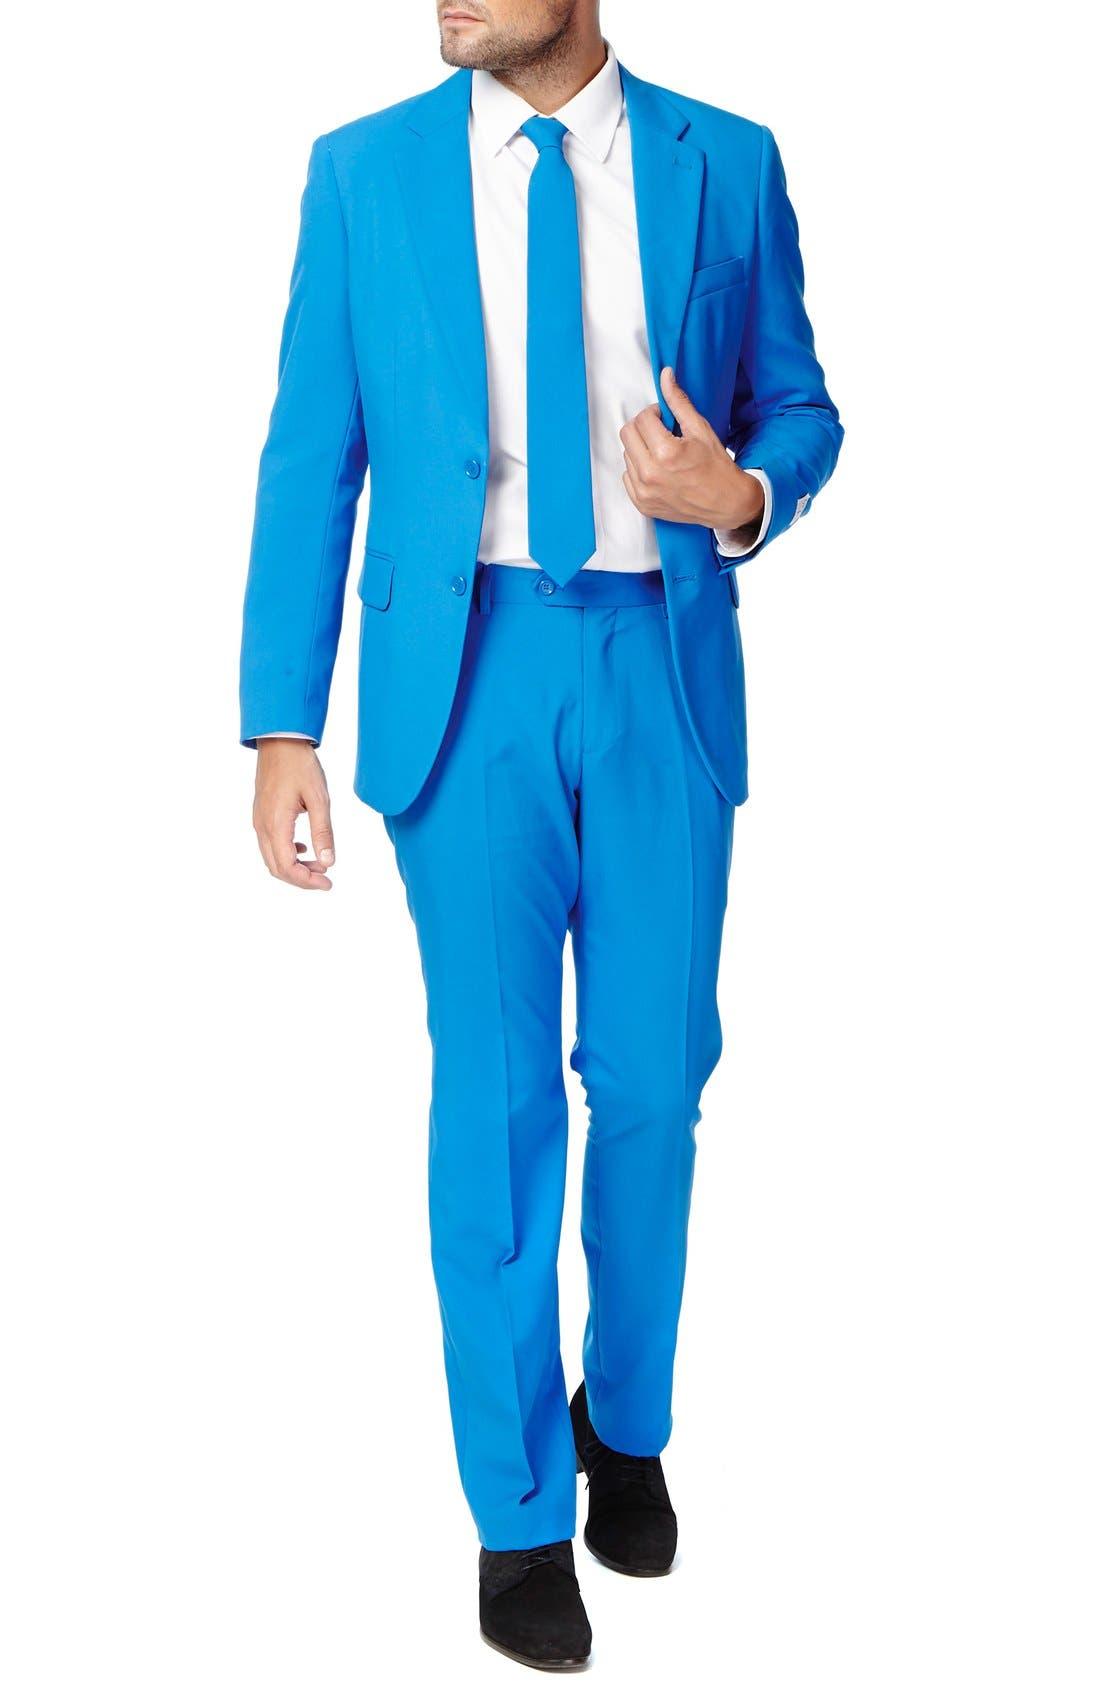 'Stars & Stripes' Trim Fit Suit with Tie,                         Main,                         color, Blue